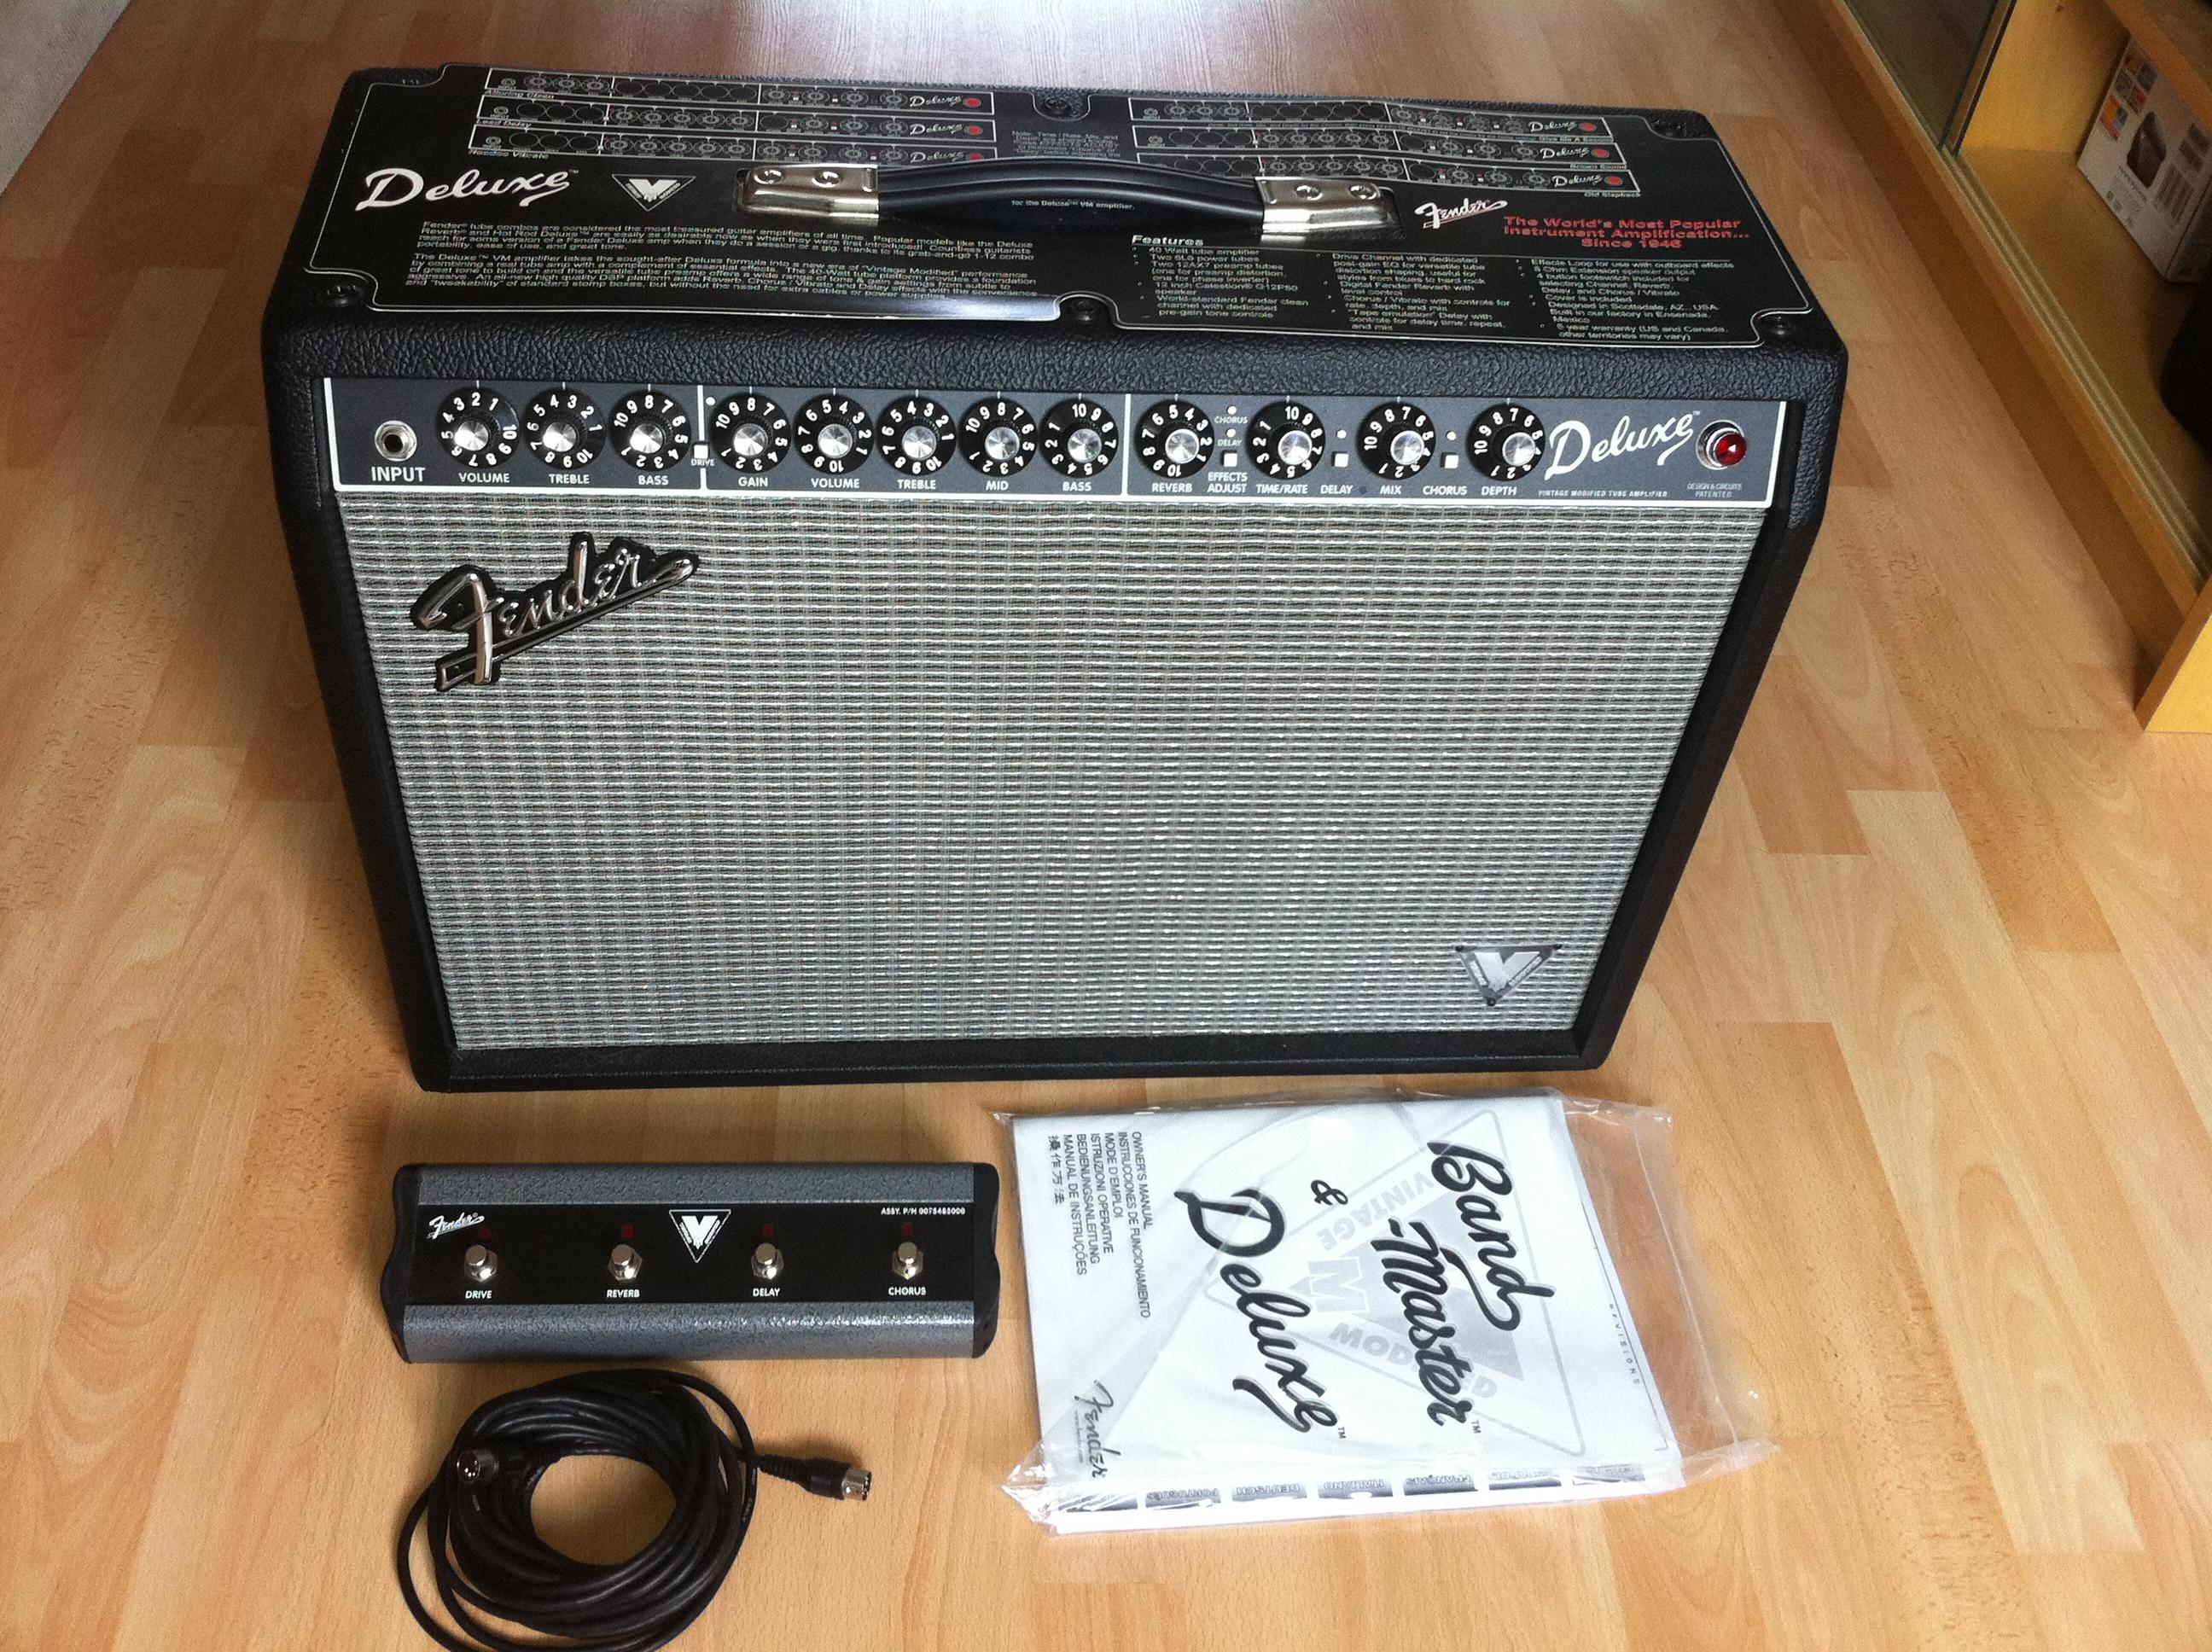 fender deluxe vm image 269477 audiofanzine rh en audiofanzine com Fender Deluxe VM PCB Fender Deluxe VM PCB